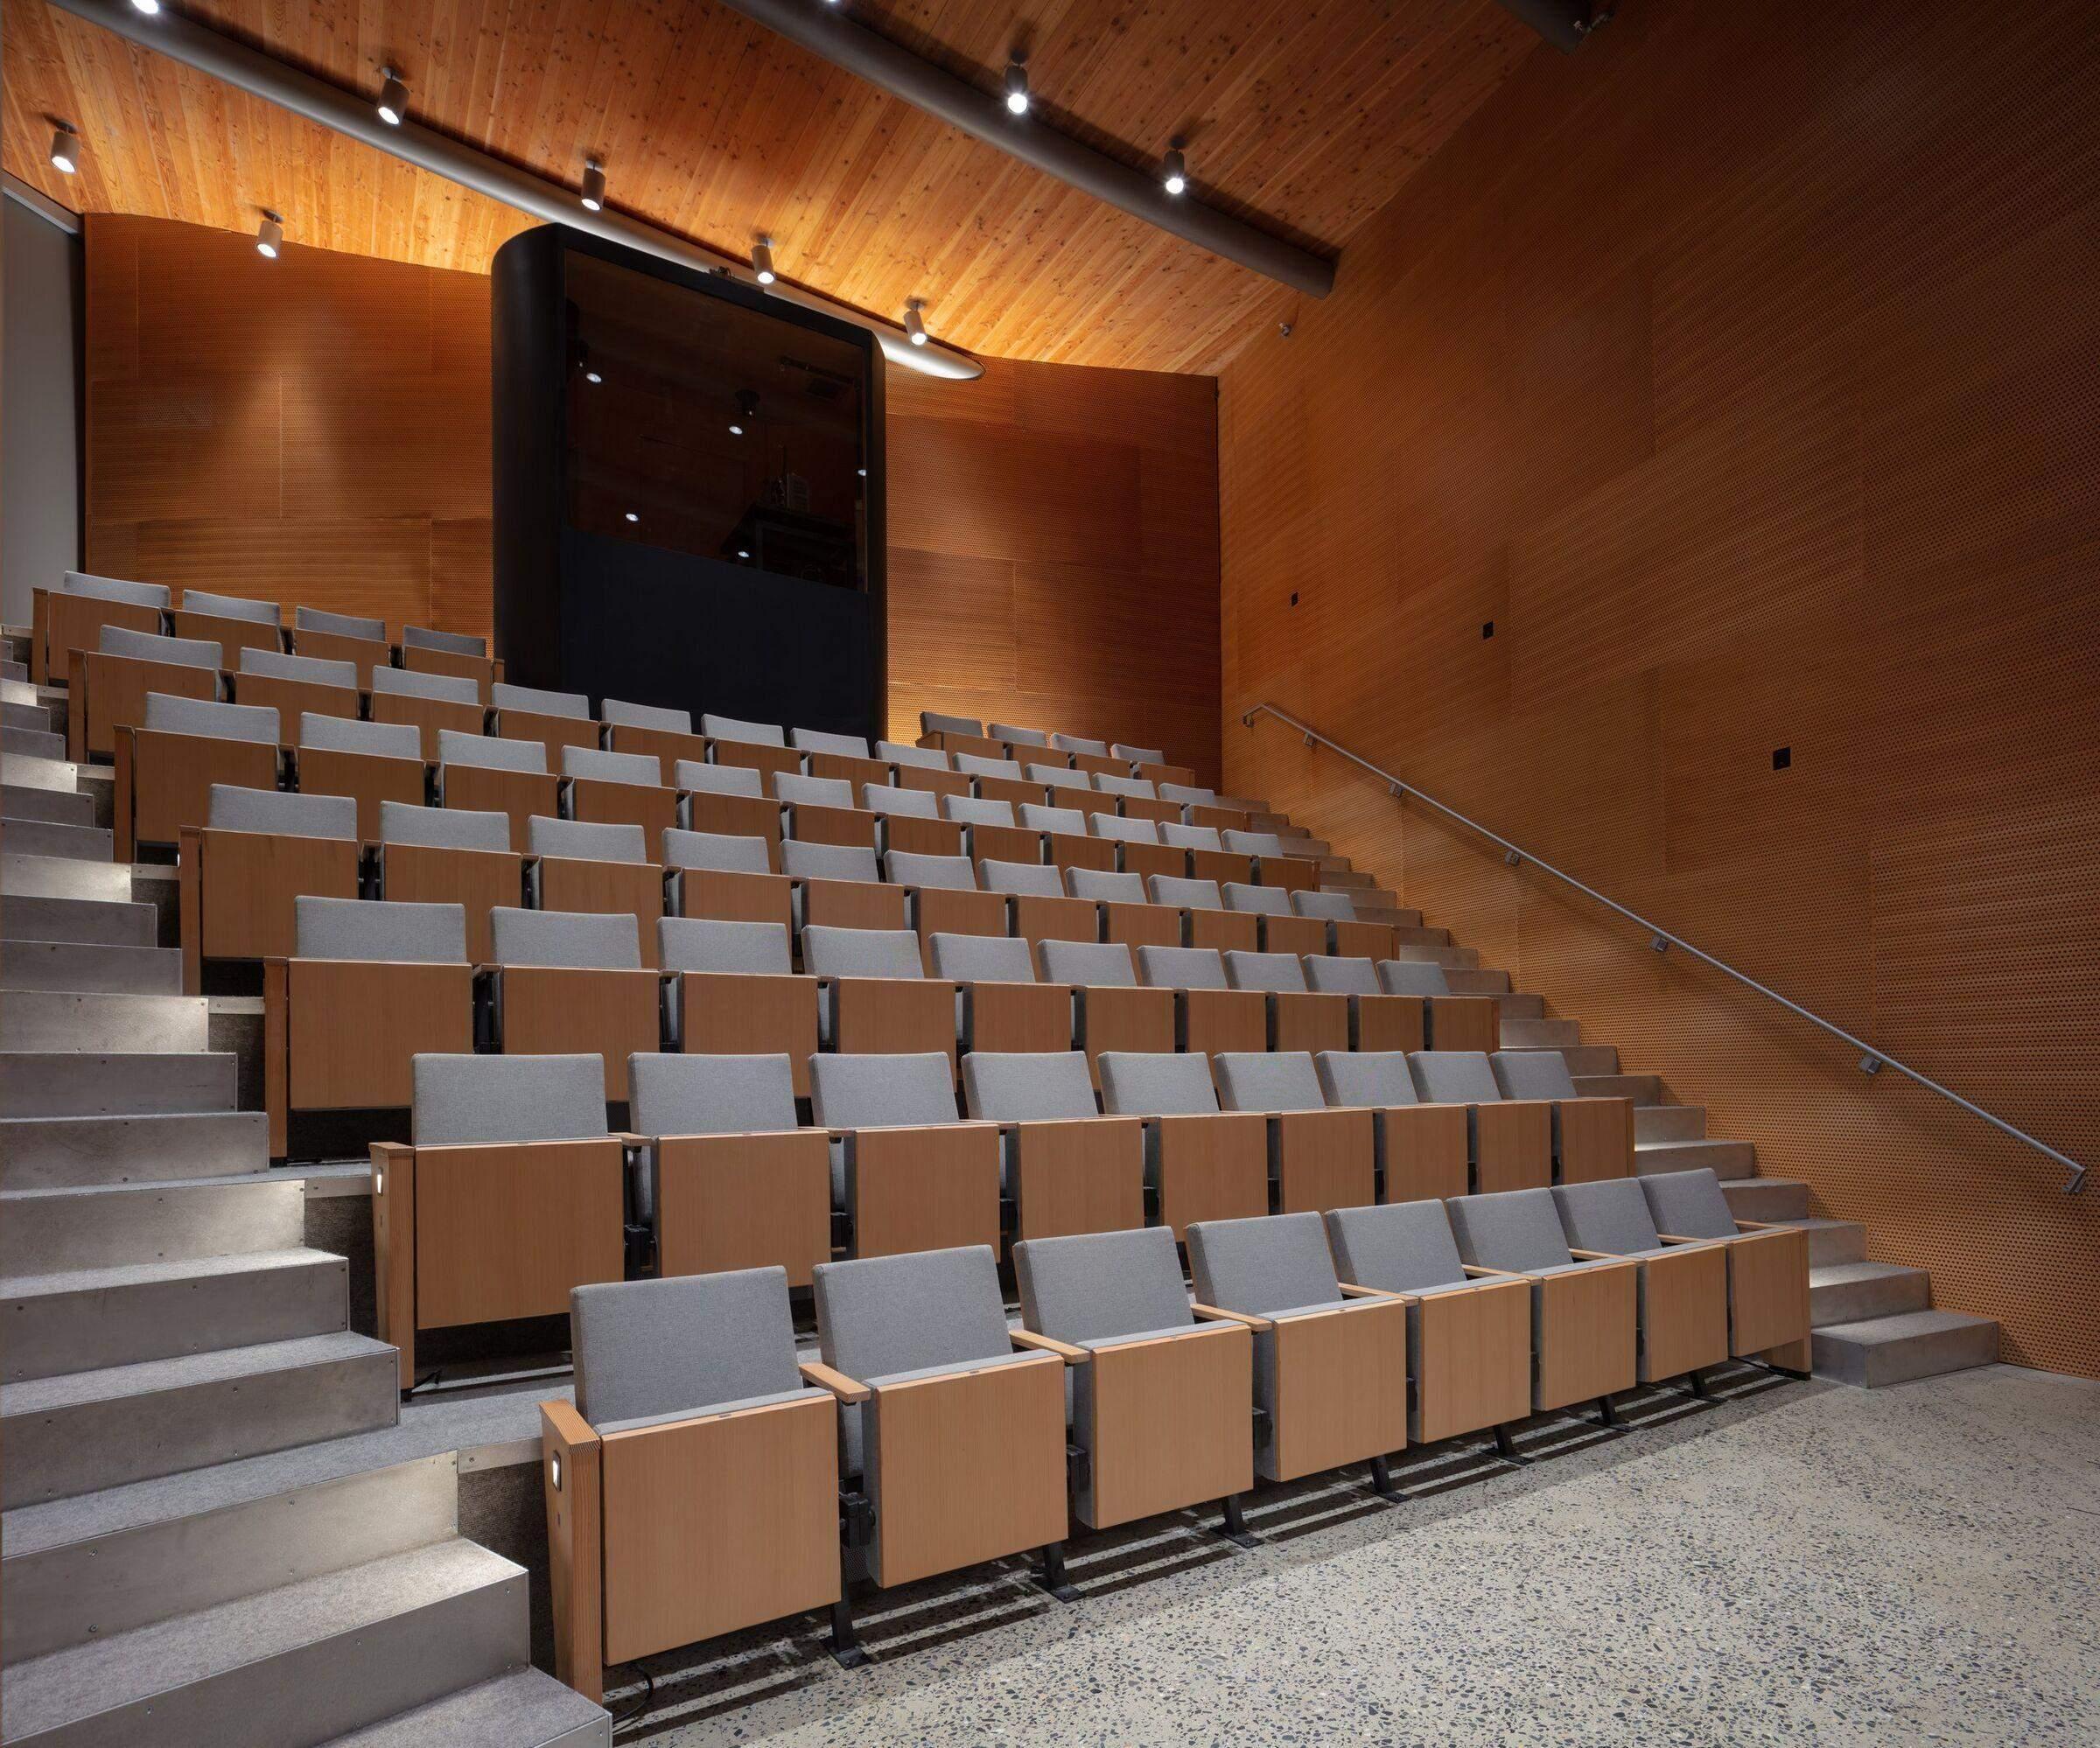 Кінотеатр будівлі візуальних мистецтв / Фото Archello